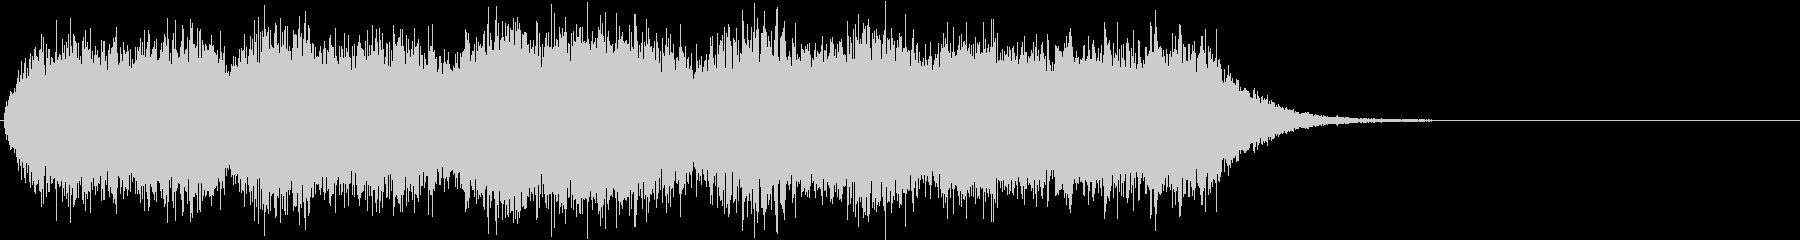 ホラー 不気味な雰囲気のオルガン 1の未再生の波形